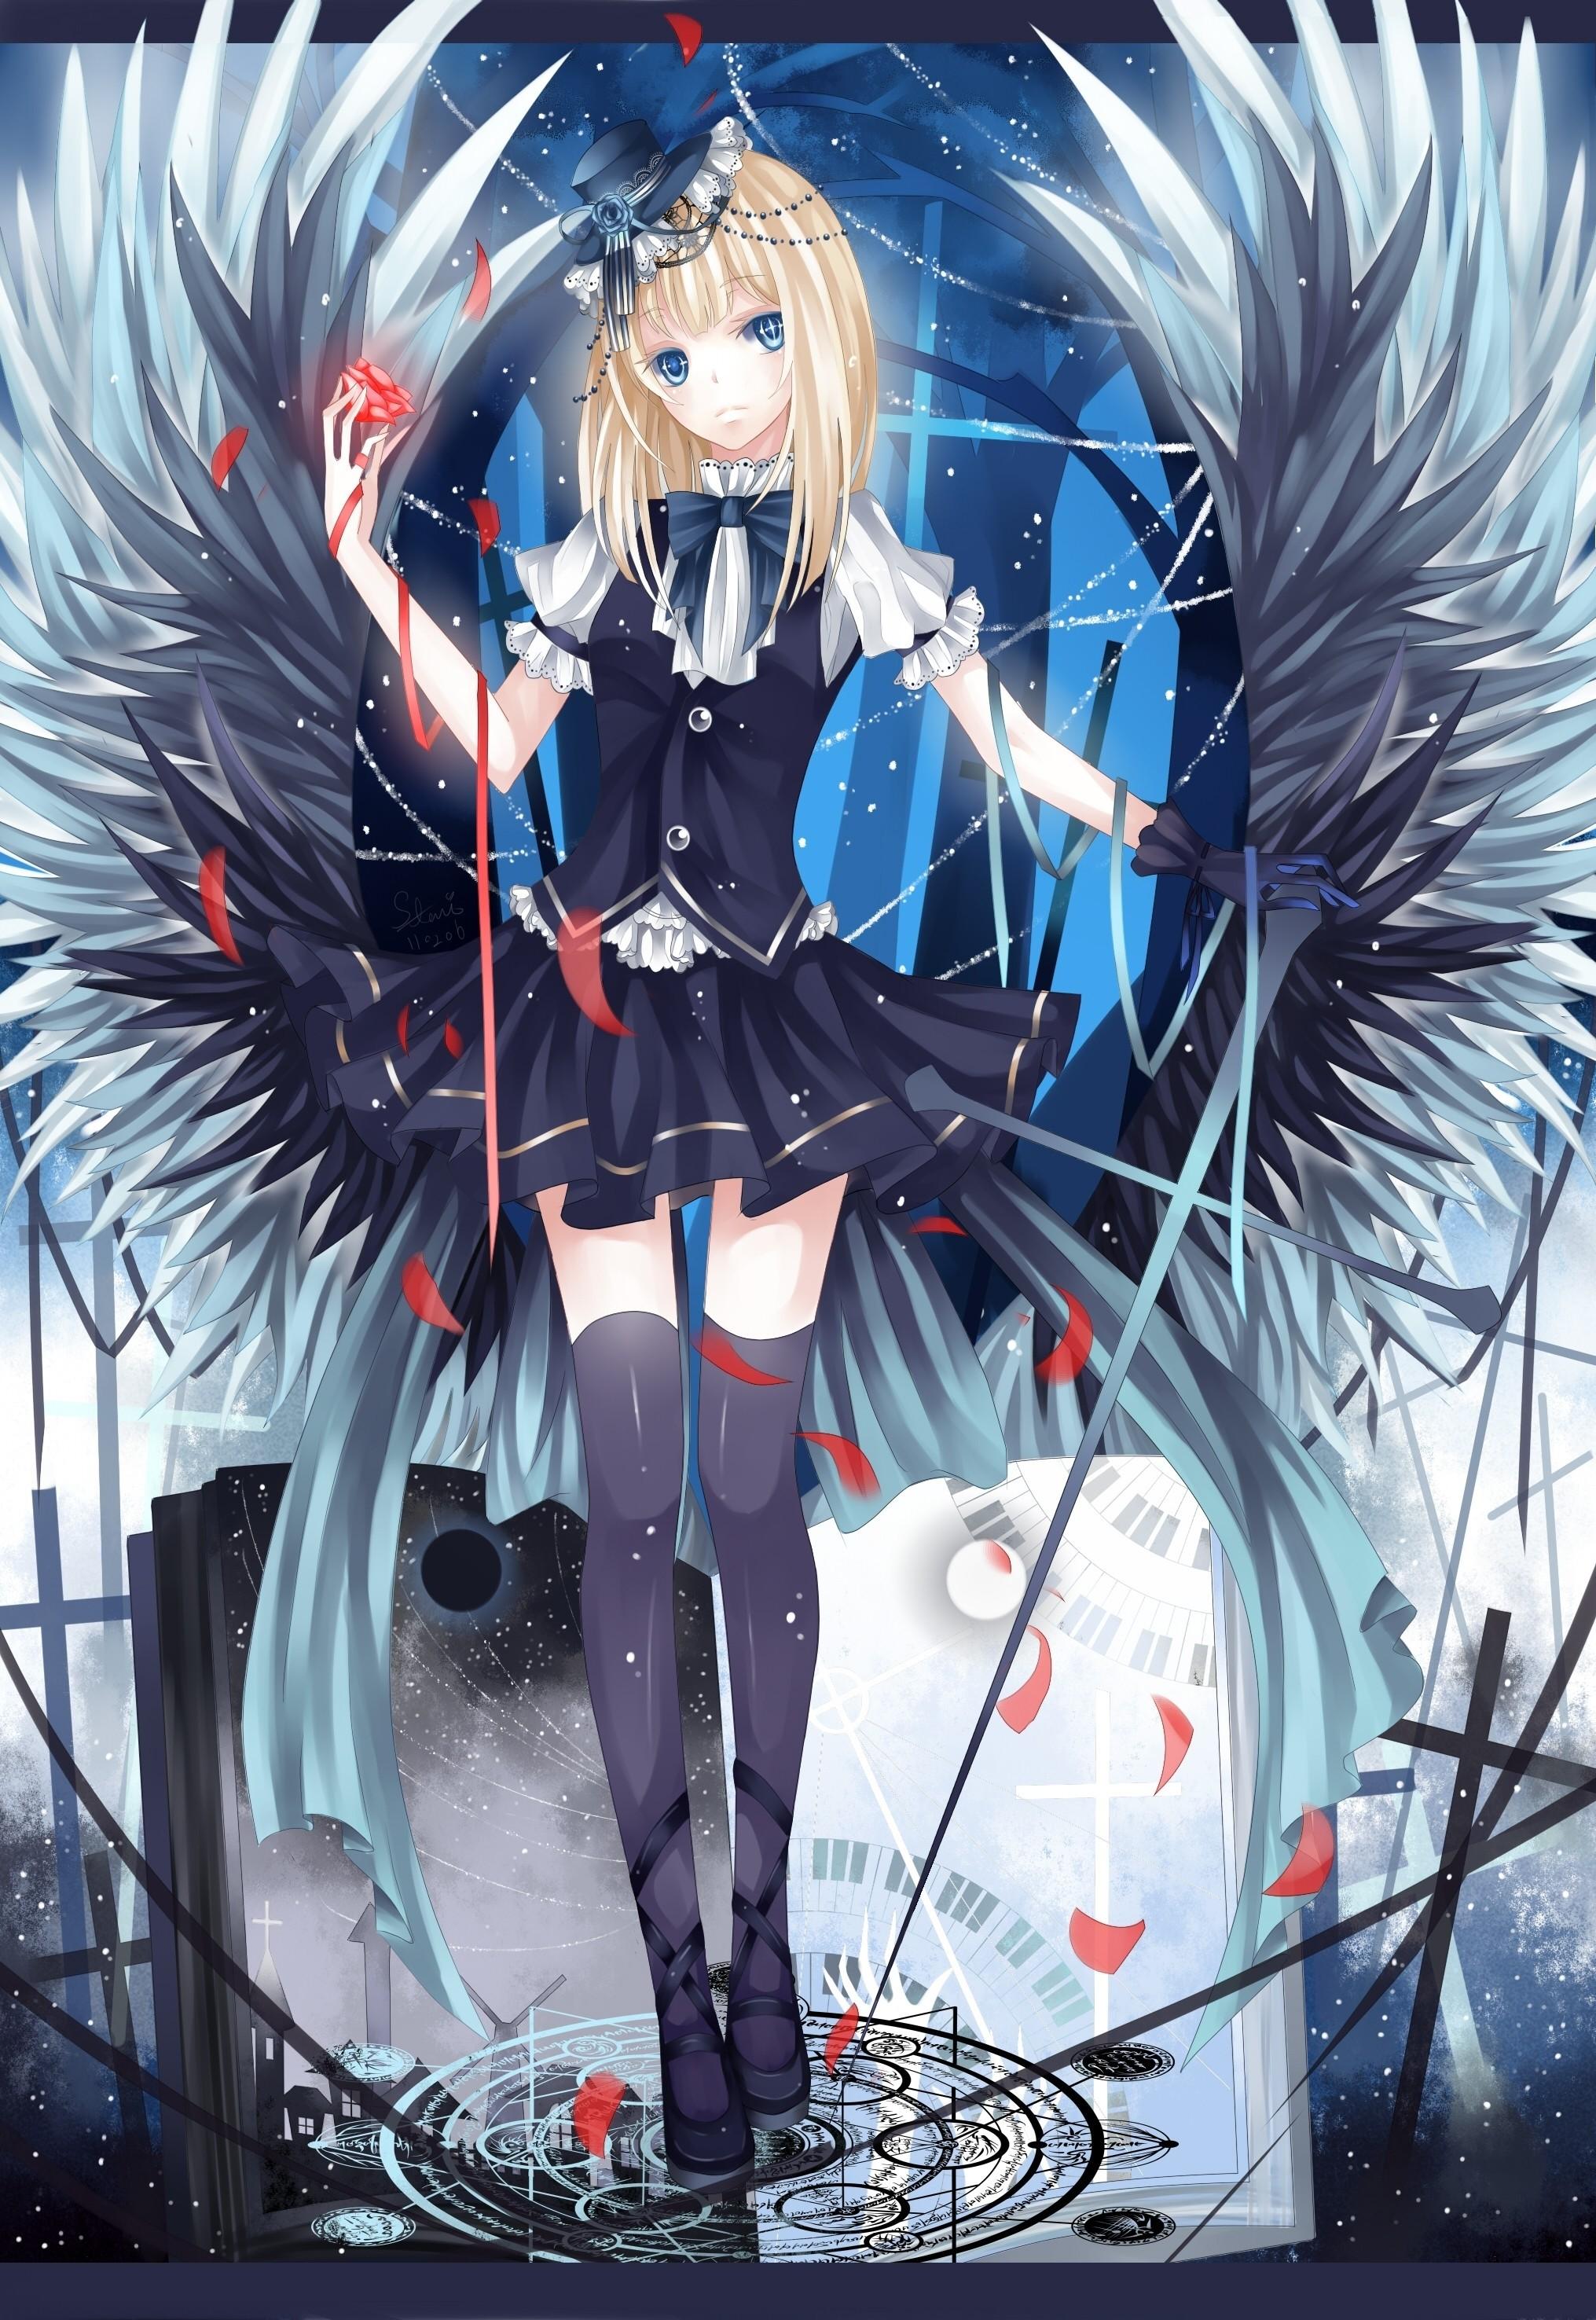 Gothic anime wallpaper 69 images - Dark anime girl pics ...